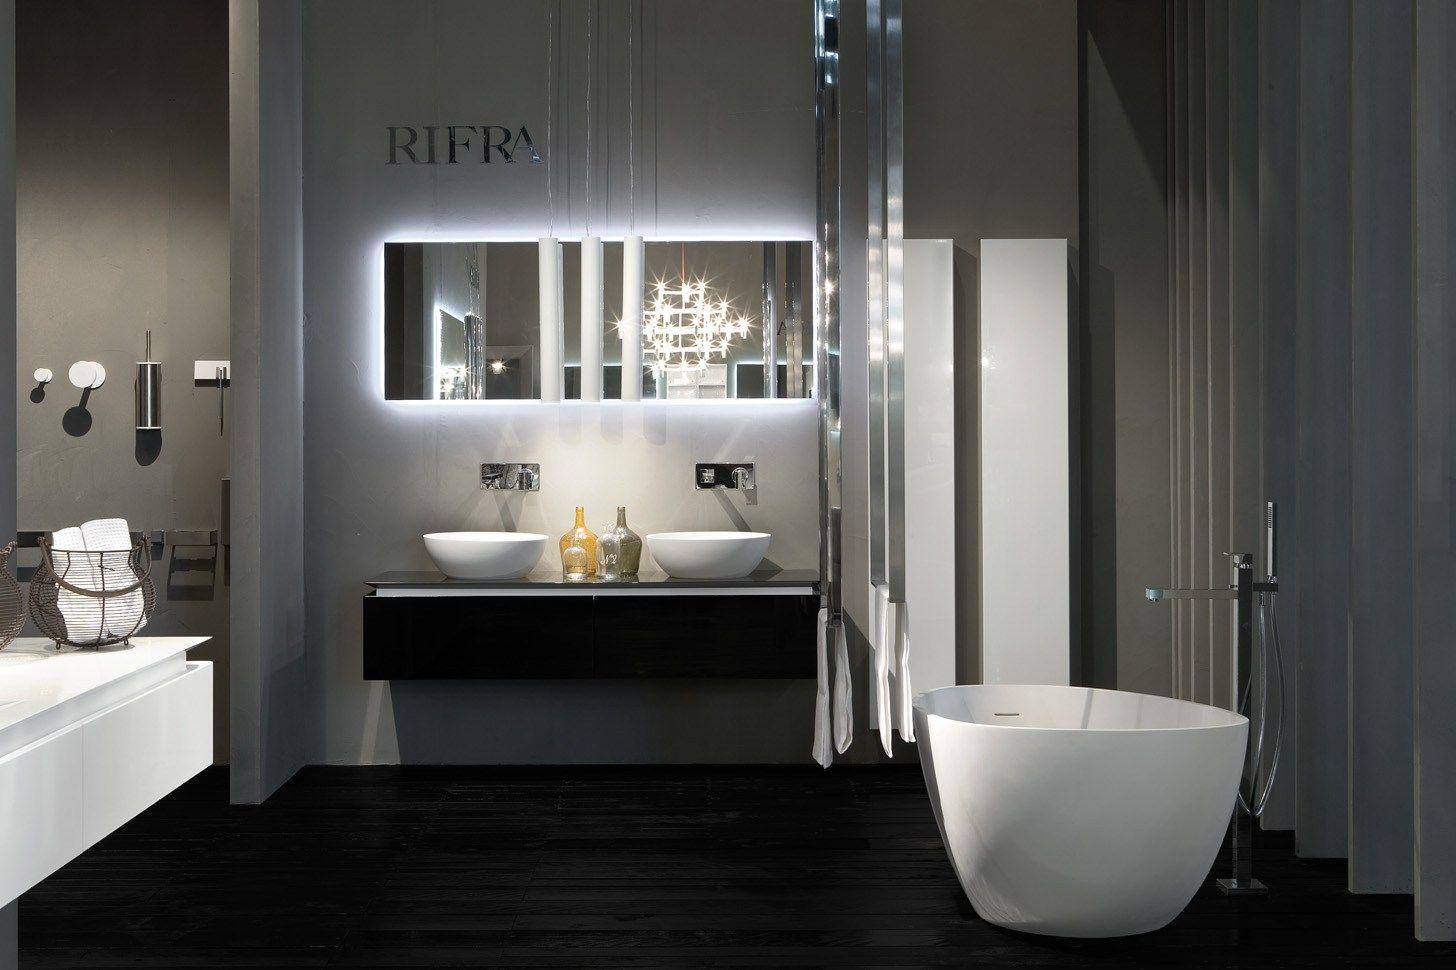 Espelho retangular para banheiro 2HD by RIFRA #726859 1456x970 Banheiro Autocad 3d